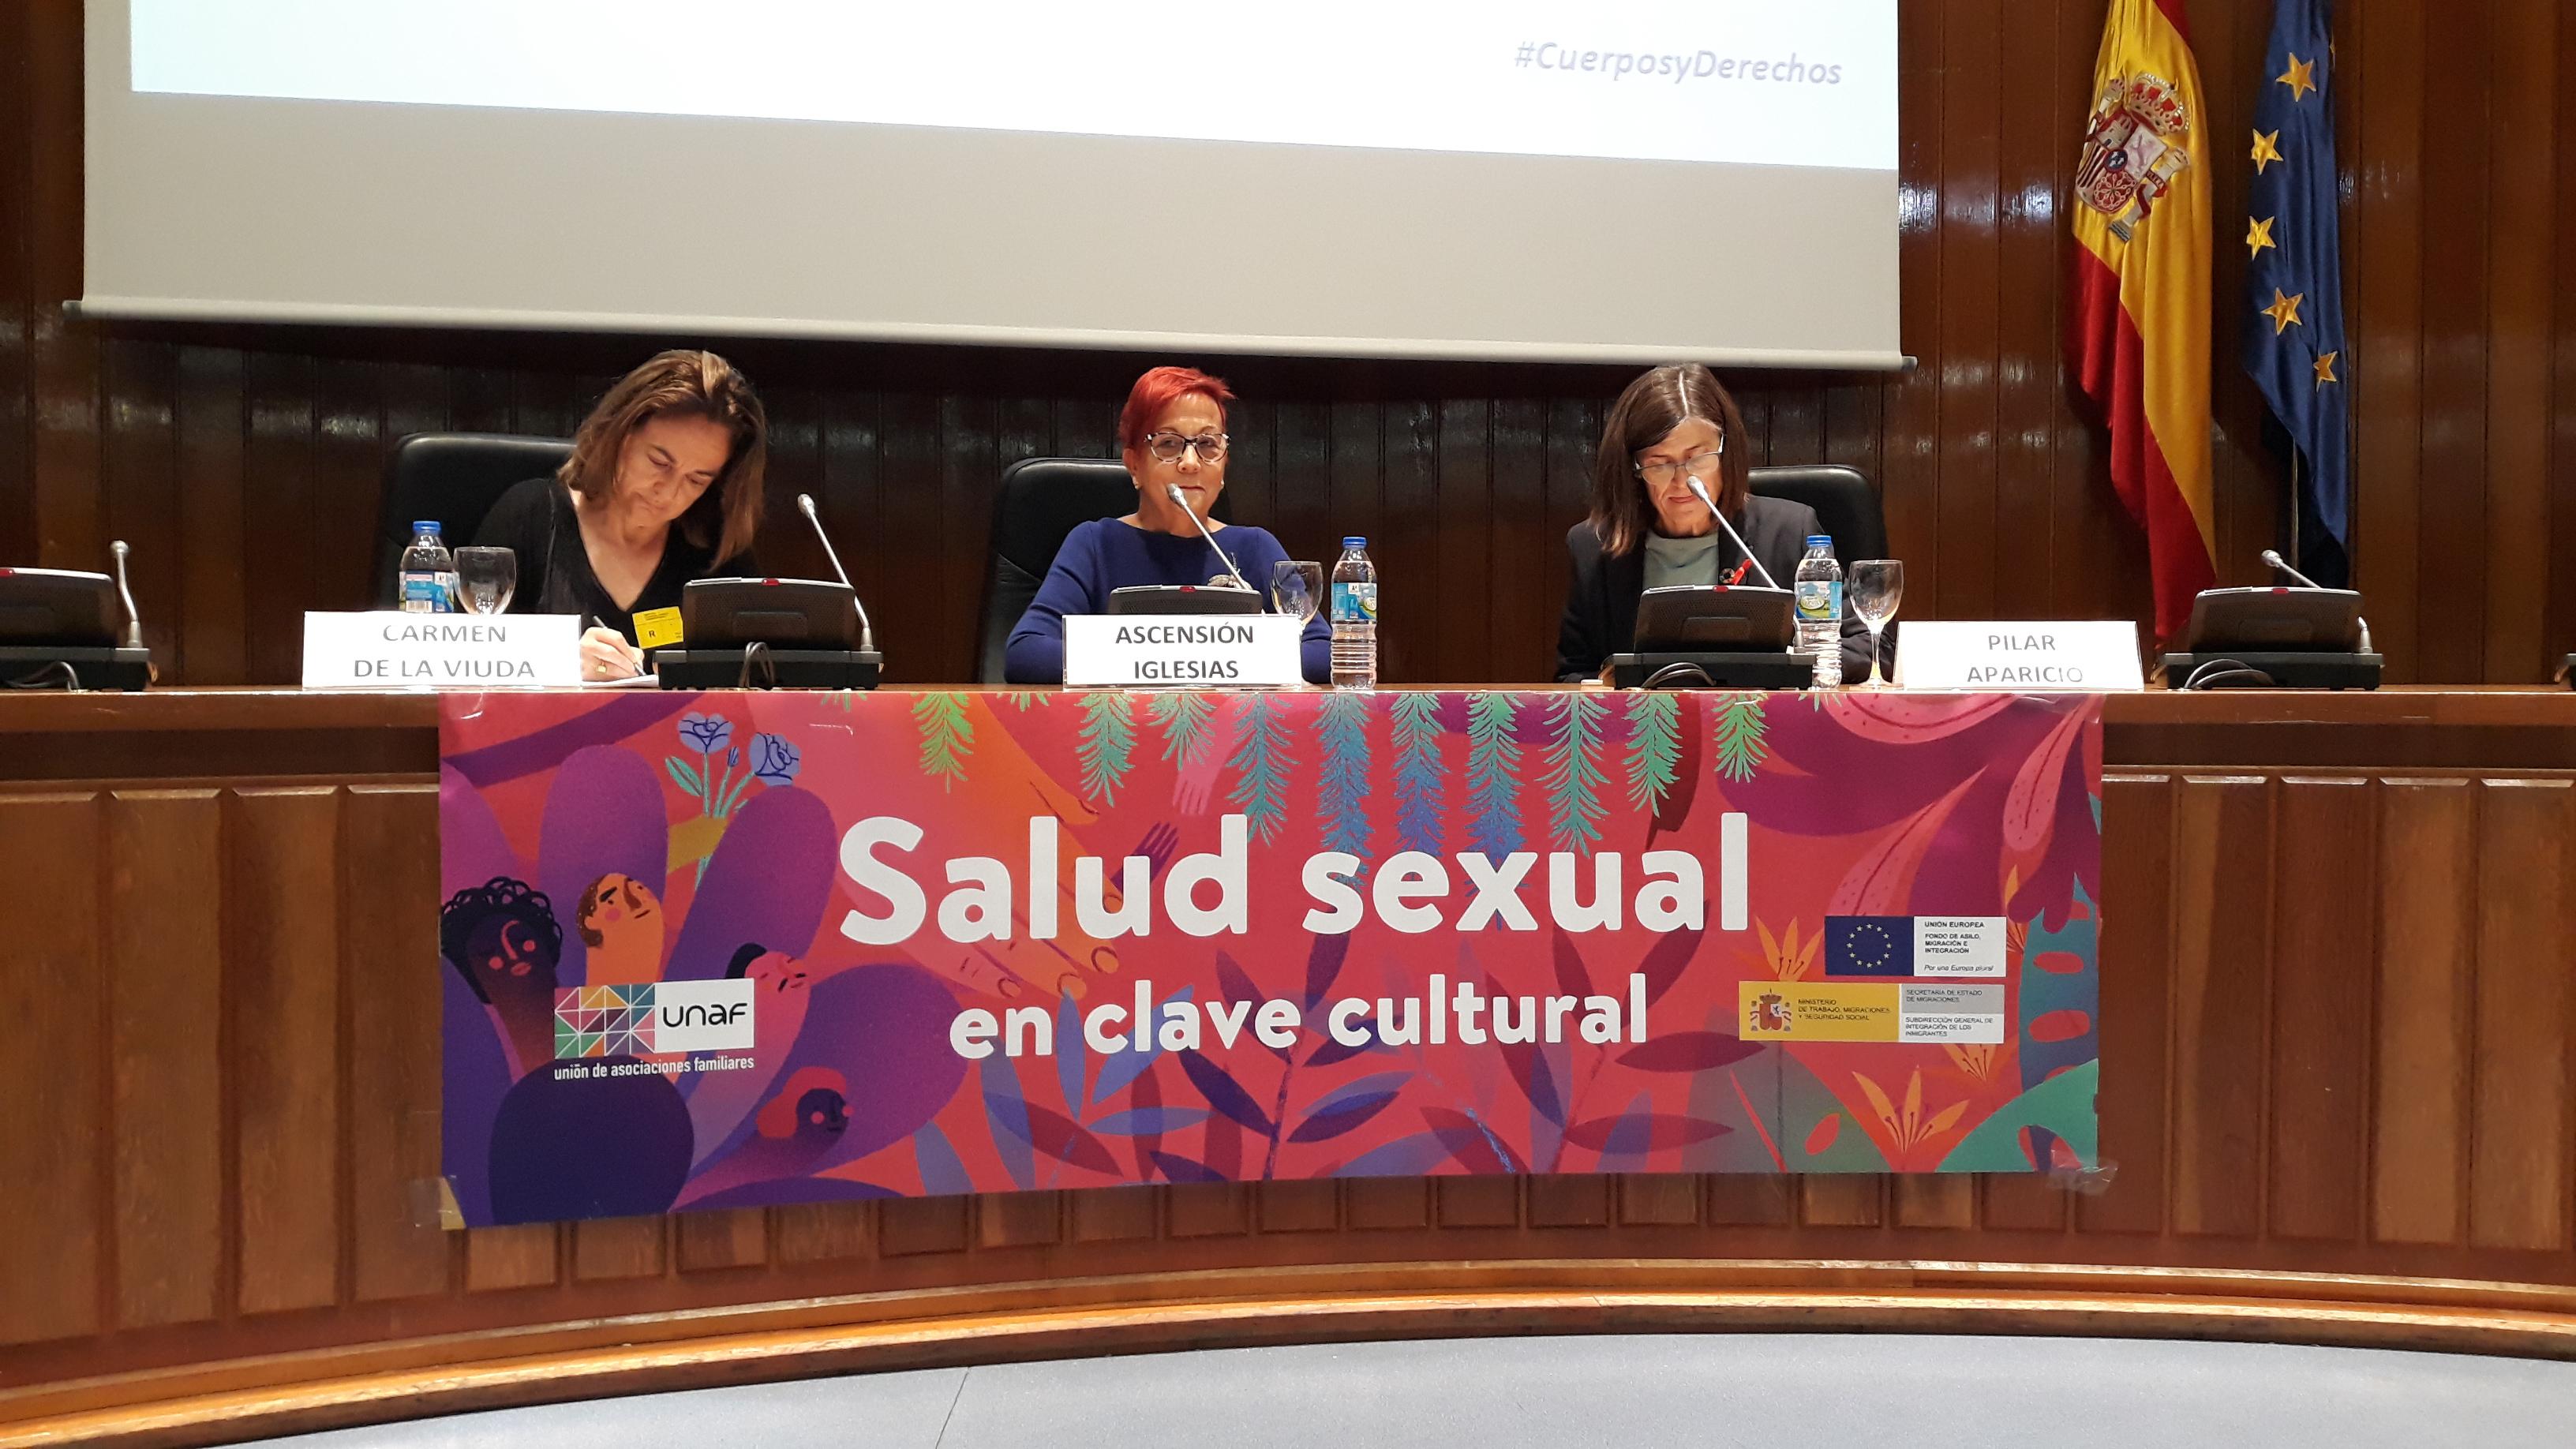 UNAF llama al Gobierno y a los agentes sociales a reafirmar su compromiso por los derechos sexuales y reproductivos de las mujeres ante la amenaza de retroceso